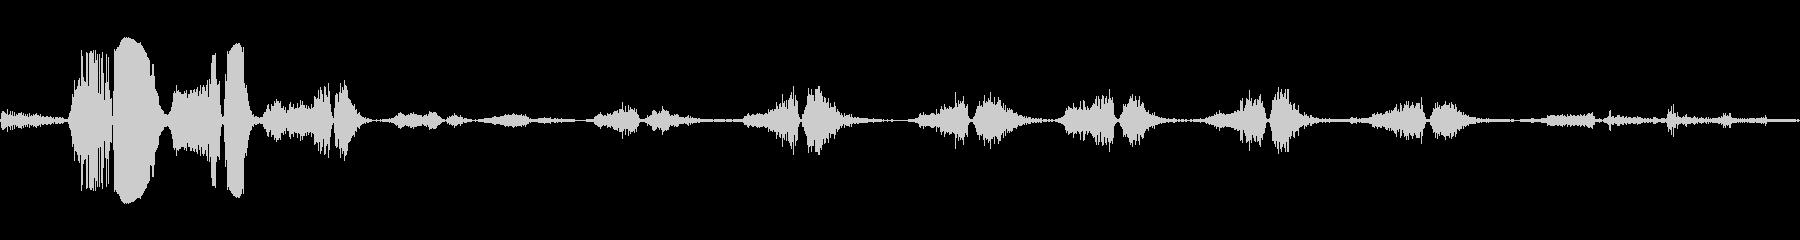 タイガーブレスロアいびきの未再生の波形